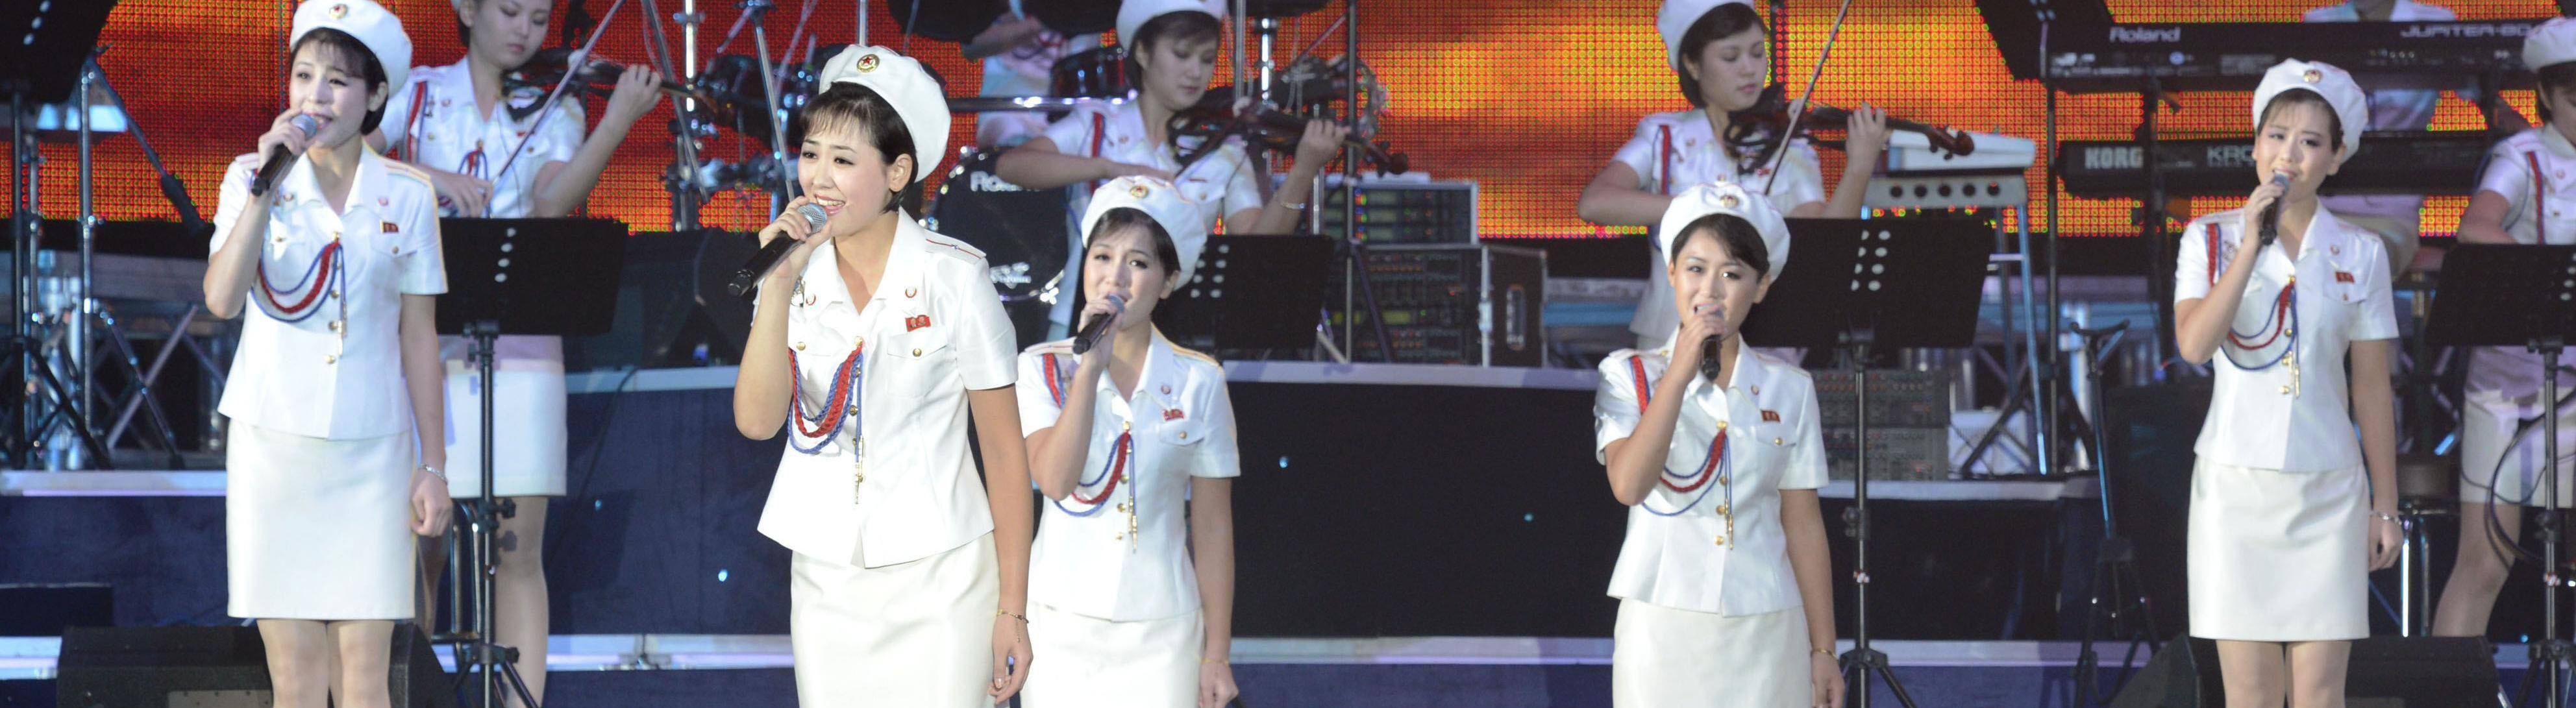 Moranbong Band.